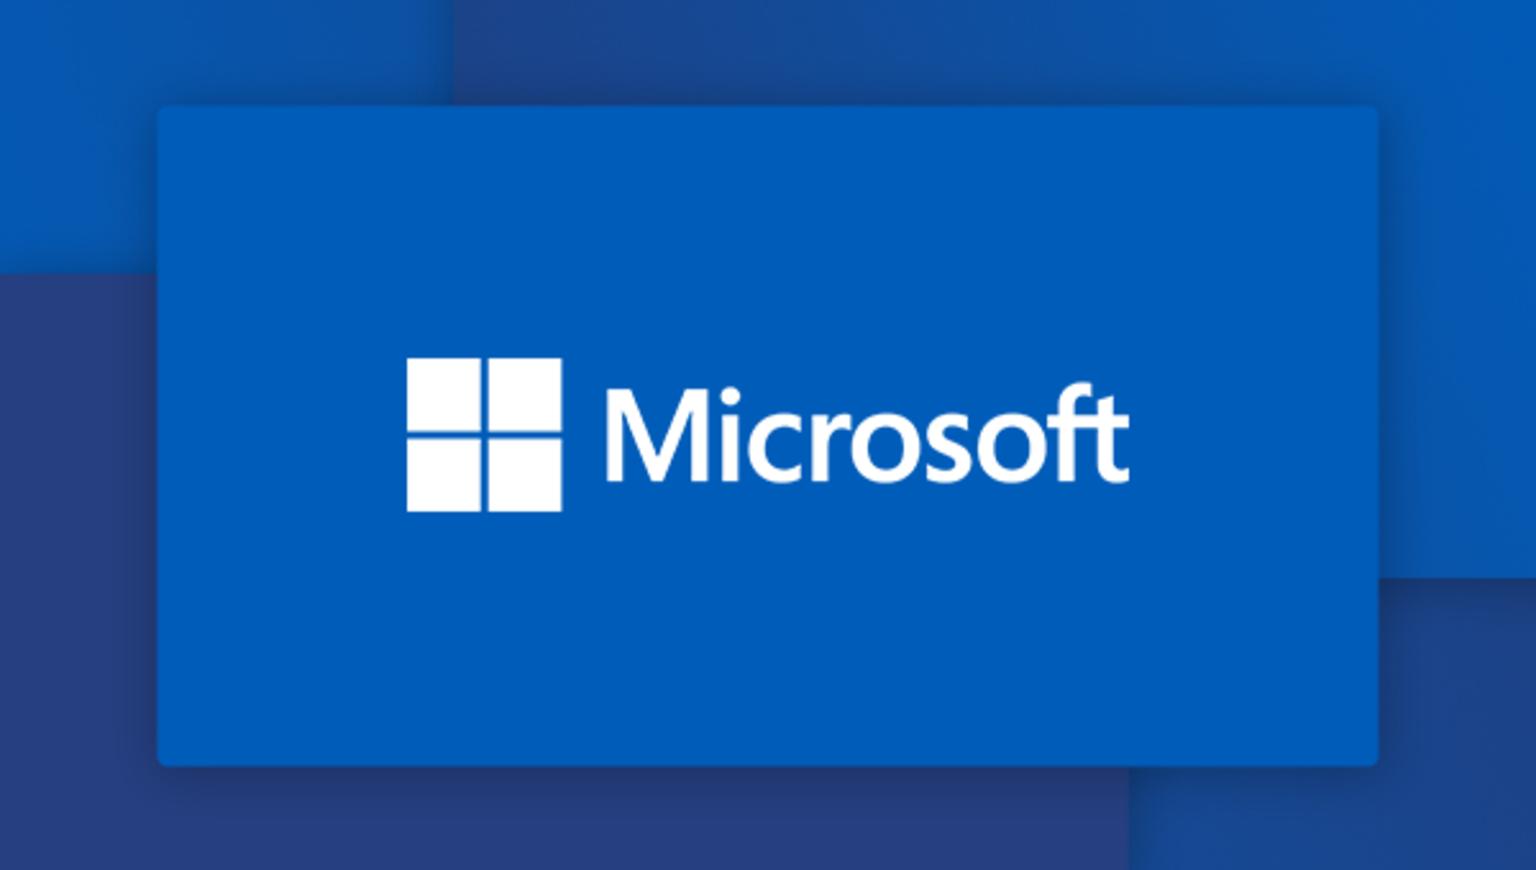 Regarder la video des services cloud de Microsoft